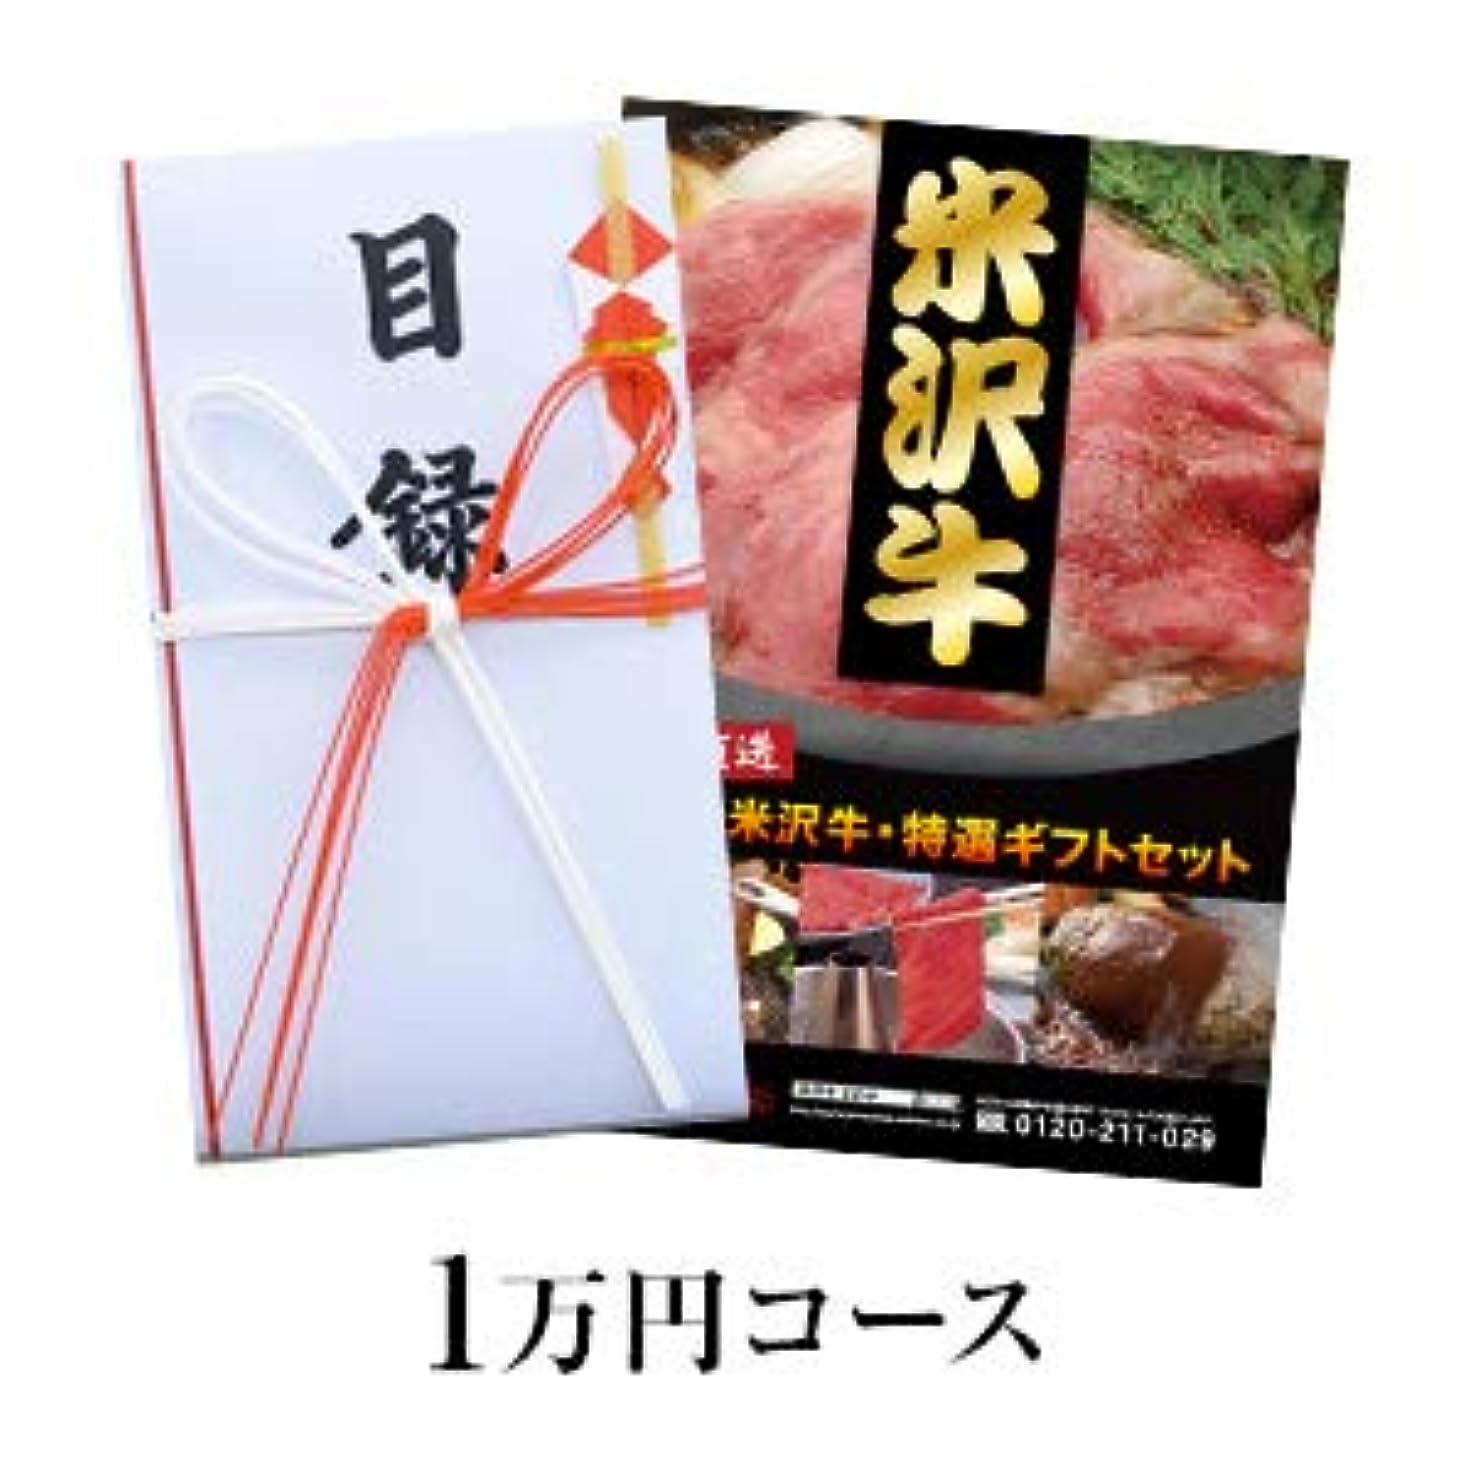 検査官倒産気体の米沢牛 景品目録セット 1万円コース